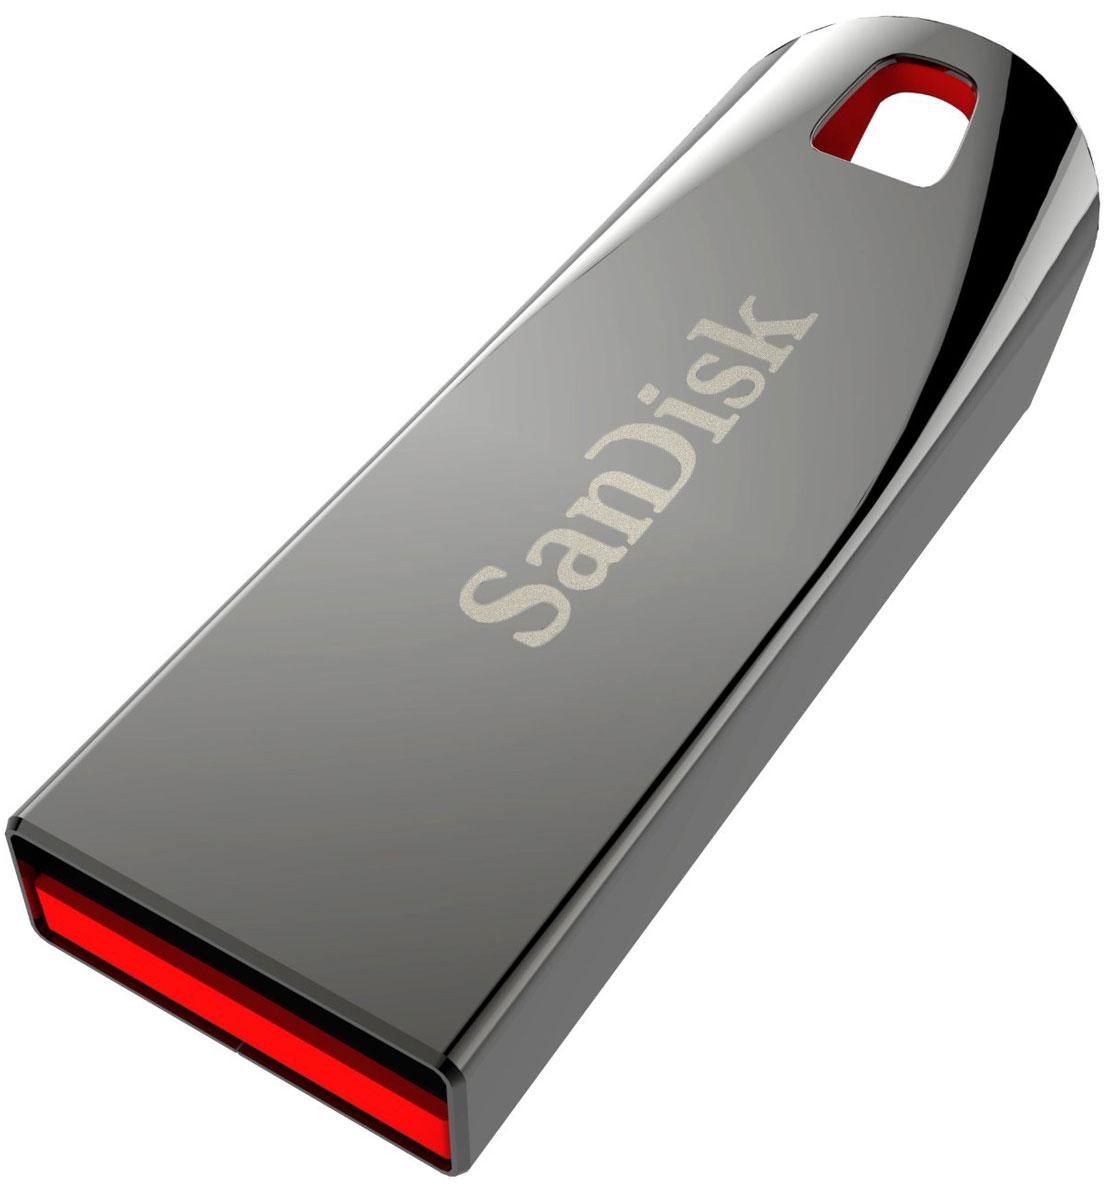 SanDisk Cruzer Force 64GB, Metallic USB-накопительSDCZ71-064G-B35USB-накопитель SanDisk Cruzer Force — это стильное и запоминающееся устройство, достаточно вместительное для хранения больших объемов данных. Данный USB-накопитель выполнен в прочном металлическом корпусе, который придает ему особый шик. Благодаря большой емкости на этом надежном накопителе будет достаточно места даже для самых больших файлов, включая изображения высокого разрешения и видео. В комплекте с устройством поставляется программное обеспечение SanDisk SecureAccess, с помощью которого можно создать зашифрованную папку, защищенную паролем. Вы сможете передавать те файлы, которые захотите, исключая при этом возможность доступа к другим файлам.Надежный металлический корпусДостаточно места для хранения видео в формате HD, музыки и фотографийПортативный флеш-накопитель, который без труда поместится в любую сумку или карманПропускная способность интерфейса: 480 Мбит/секСовместимость: Windows 8, Windows 7, Windows Vista, Windows XP x64, Windows XP, Windows 2000, Linux, MAC OS X